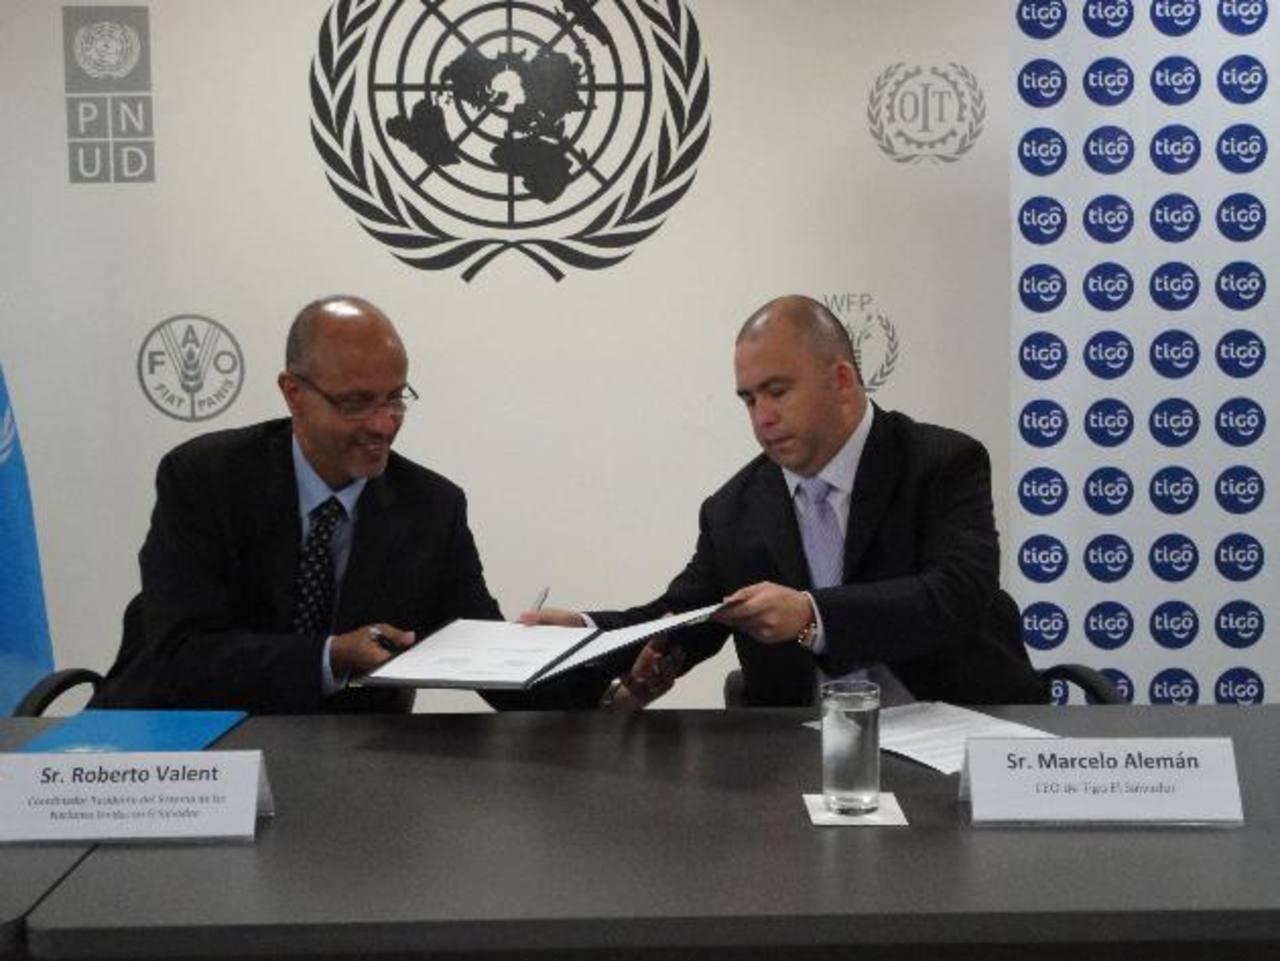 Robert Valent, representante residente de Naciones Unidas, firma convenio con Marcelo Alemán, gerente general de Tigo El Salvador. foto edh / cortesía